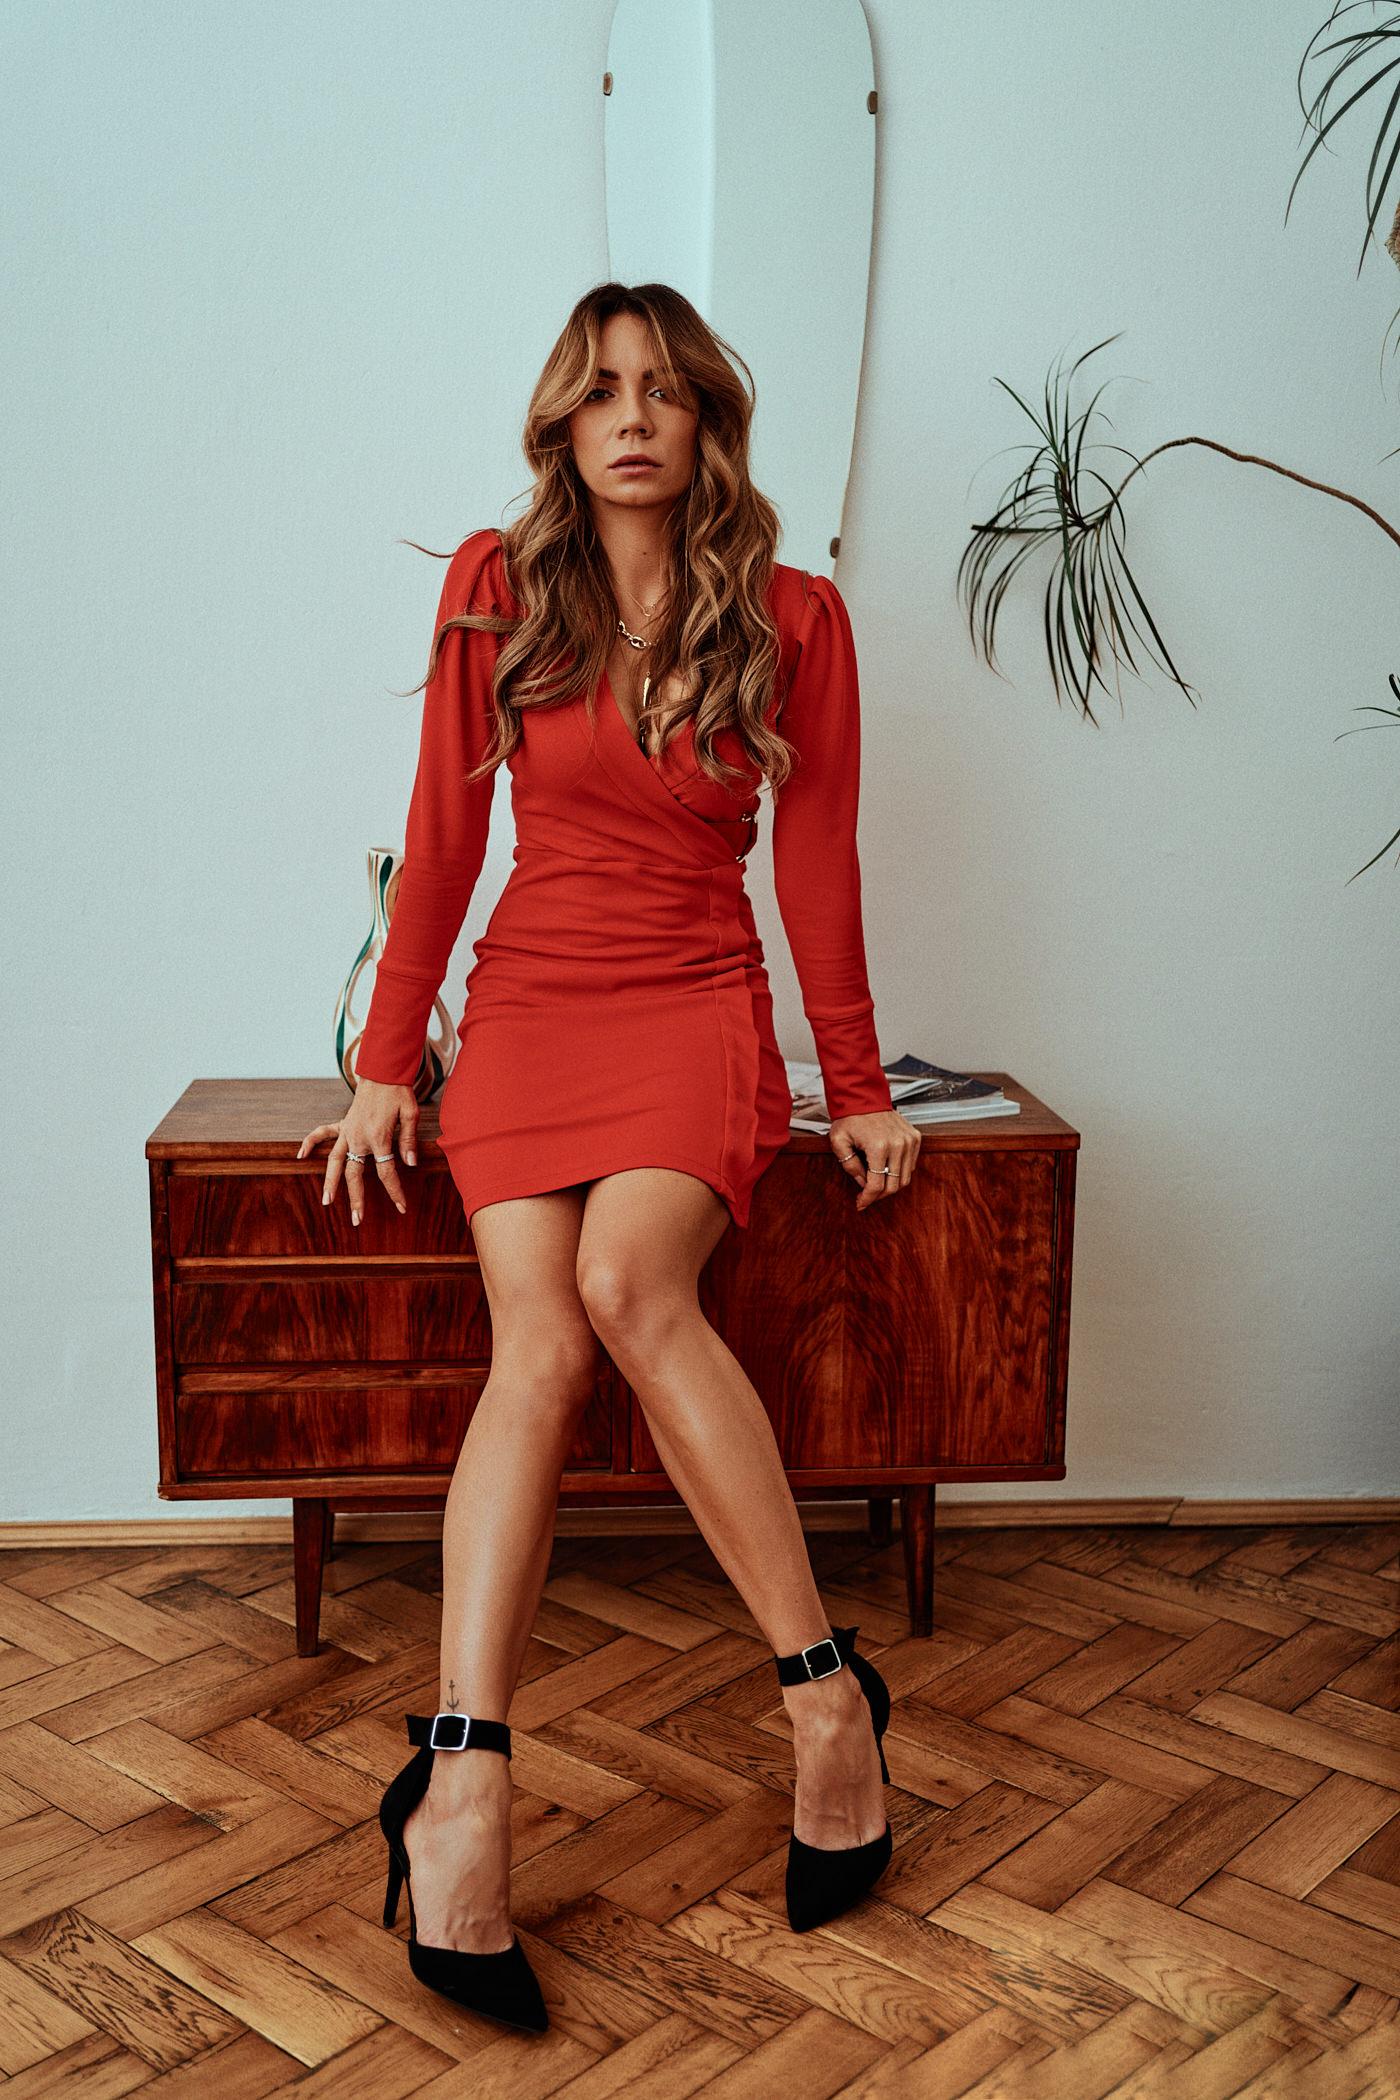 Stwórz świąteczny look z czerwoną sukienką, szpilkami i kosmetykami Max Factor. Poznaj moje pomysły na świąteczne stylizacje